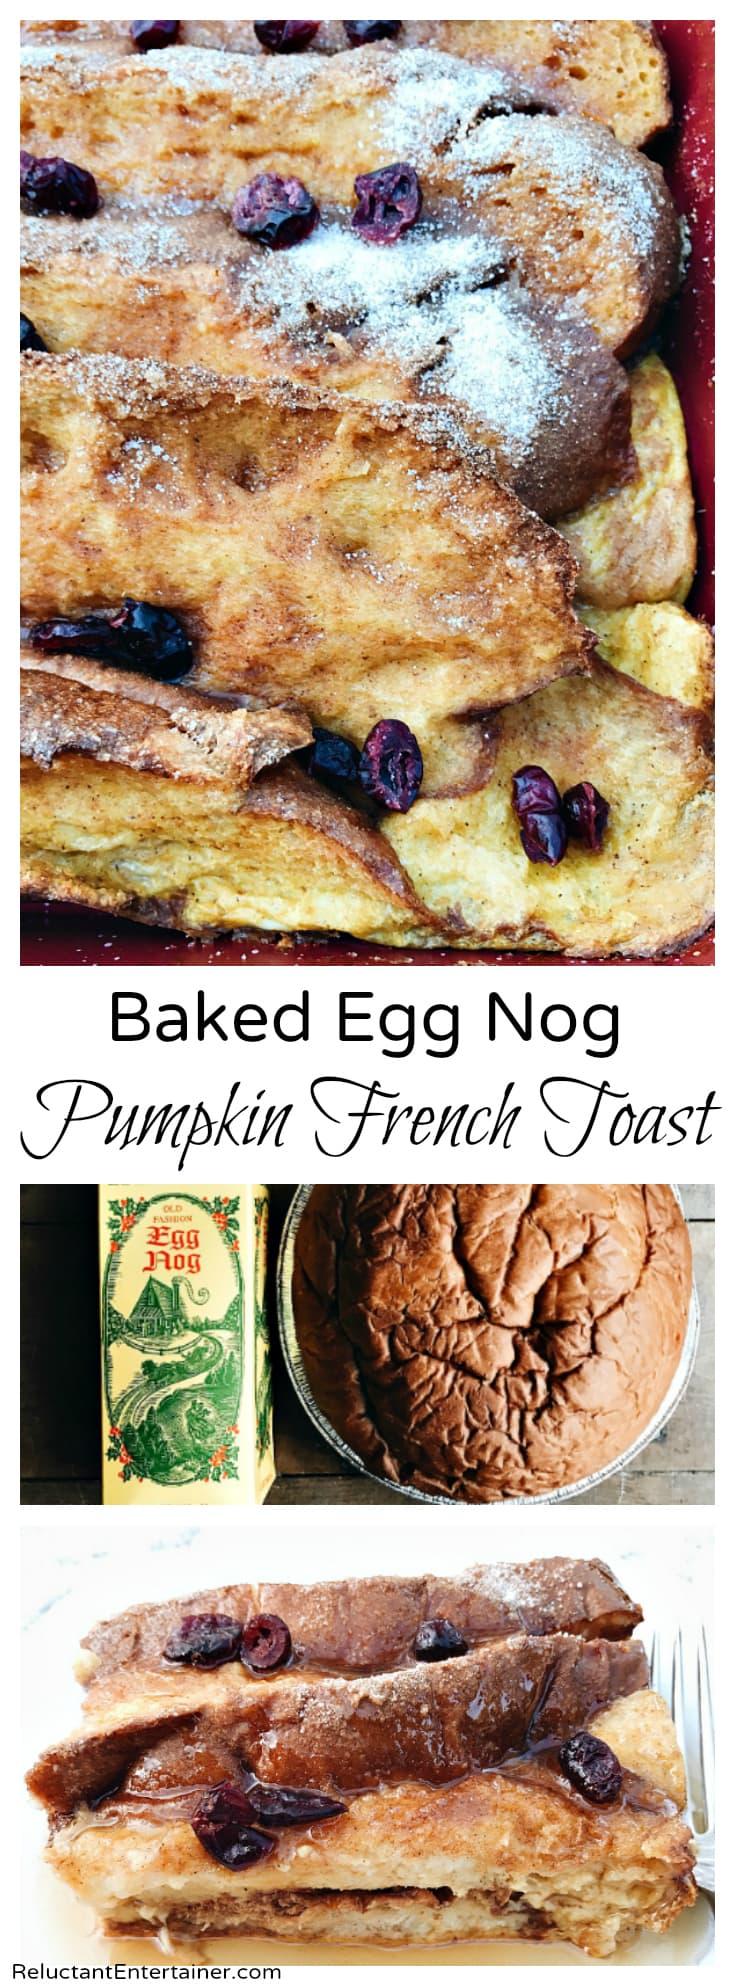 Baked Egg Nog Pumpkin French Toast